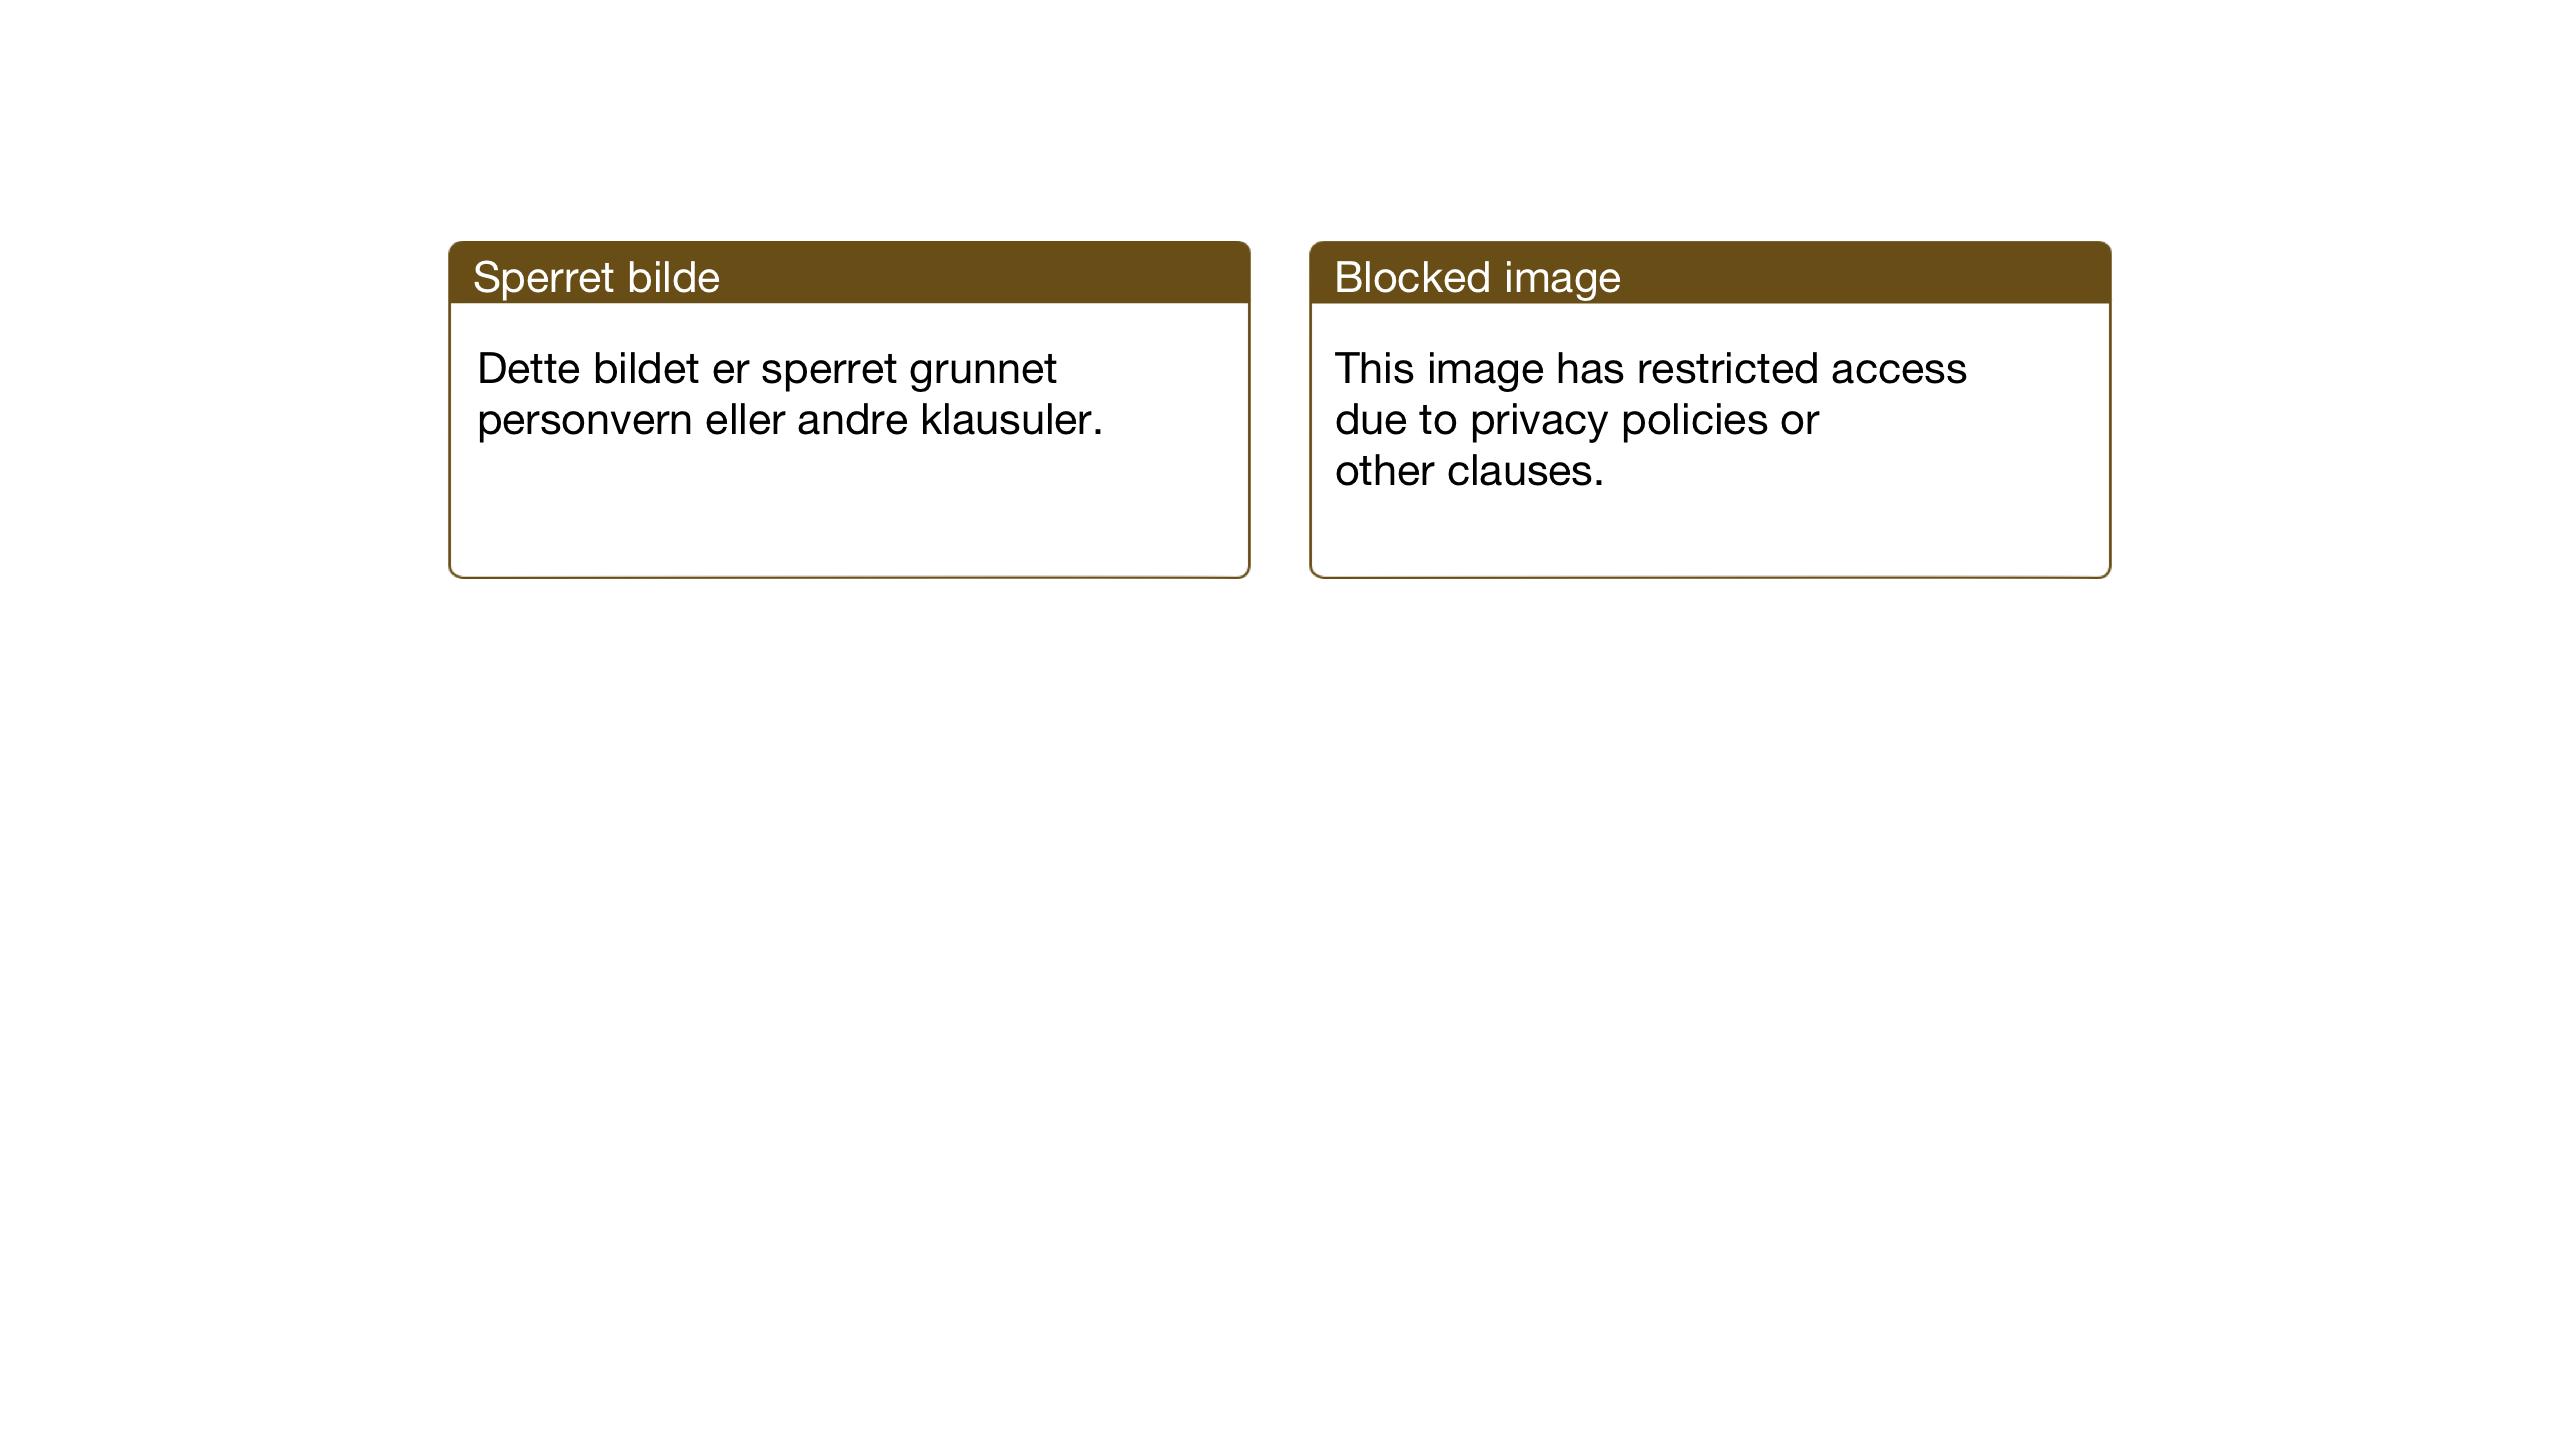 SAT, Ministerialprotokoller, klokkerbøker og fødselsregistre - Nord-Trøndelag, 749/L0481: Klokkerbok nr. 749C03, 1933-1945, s. 63